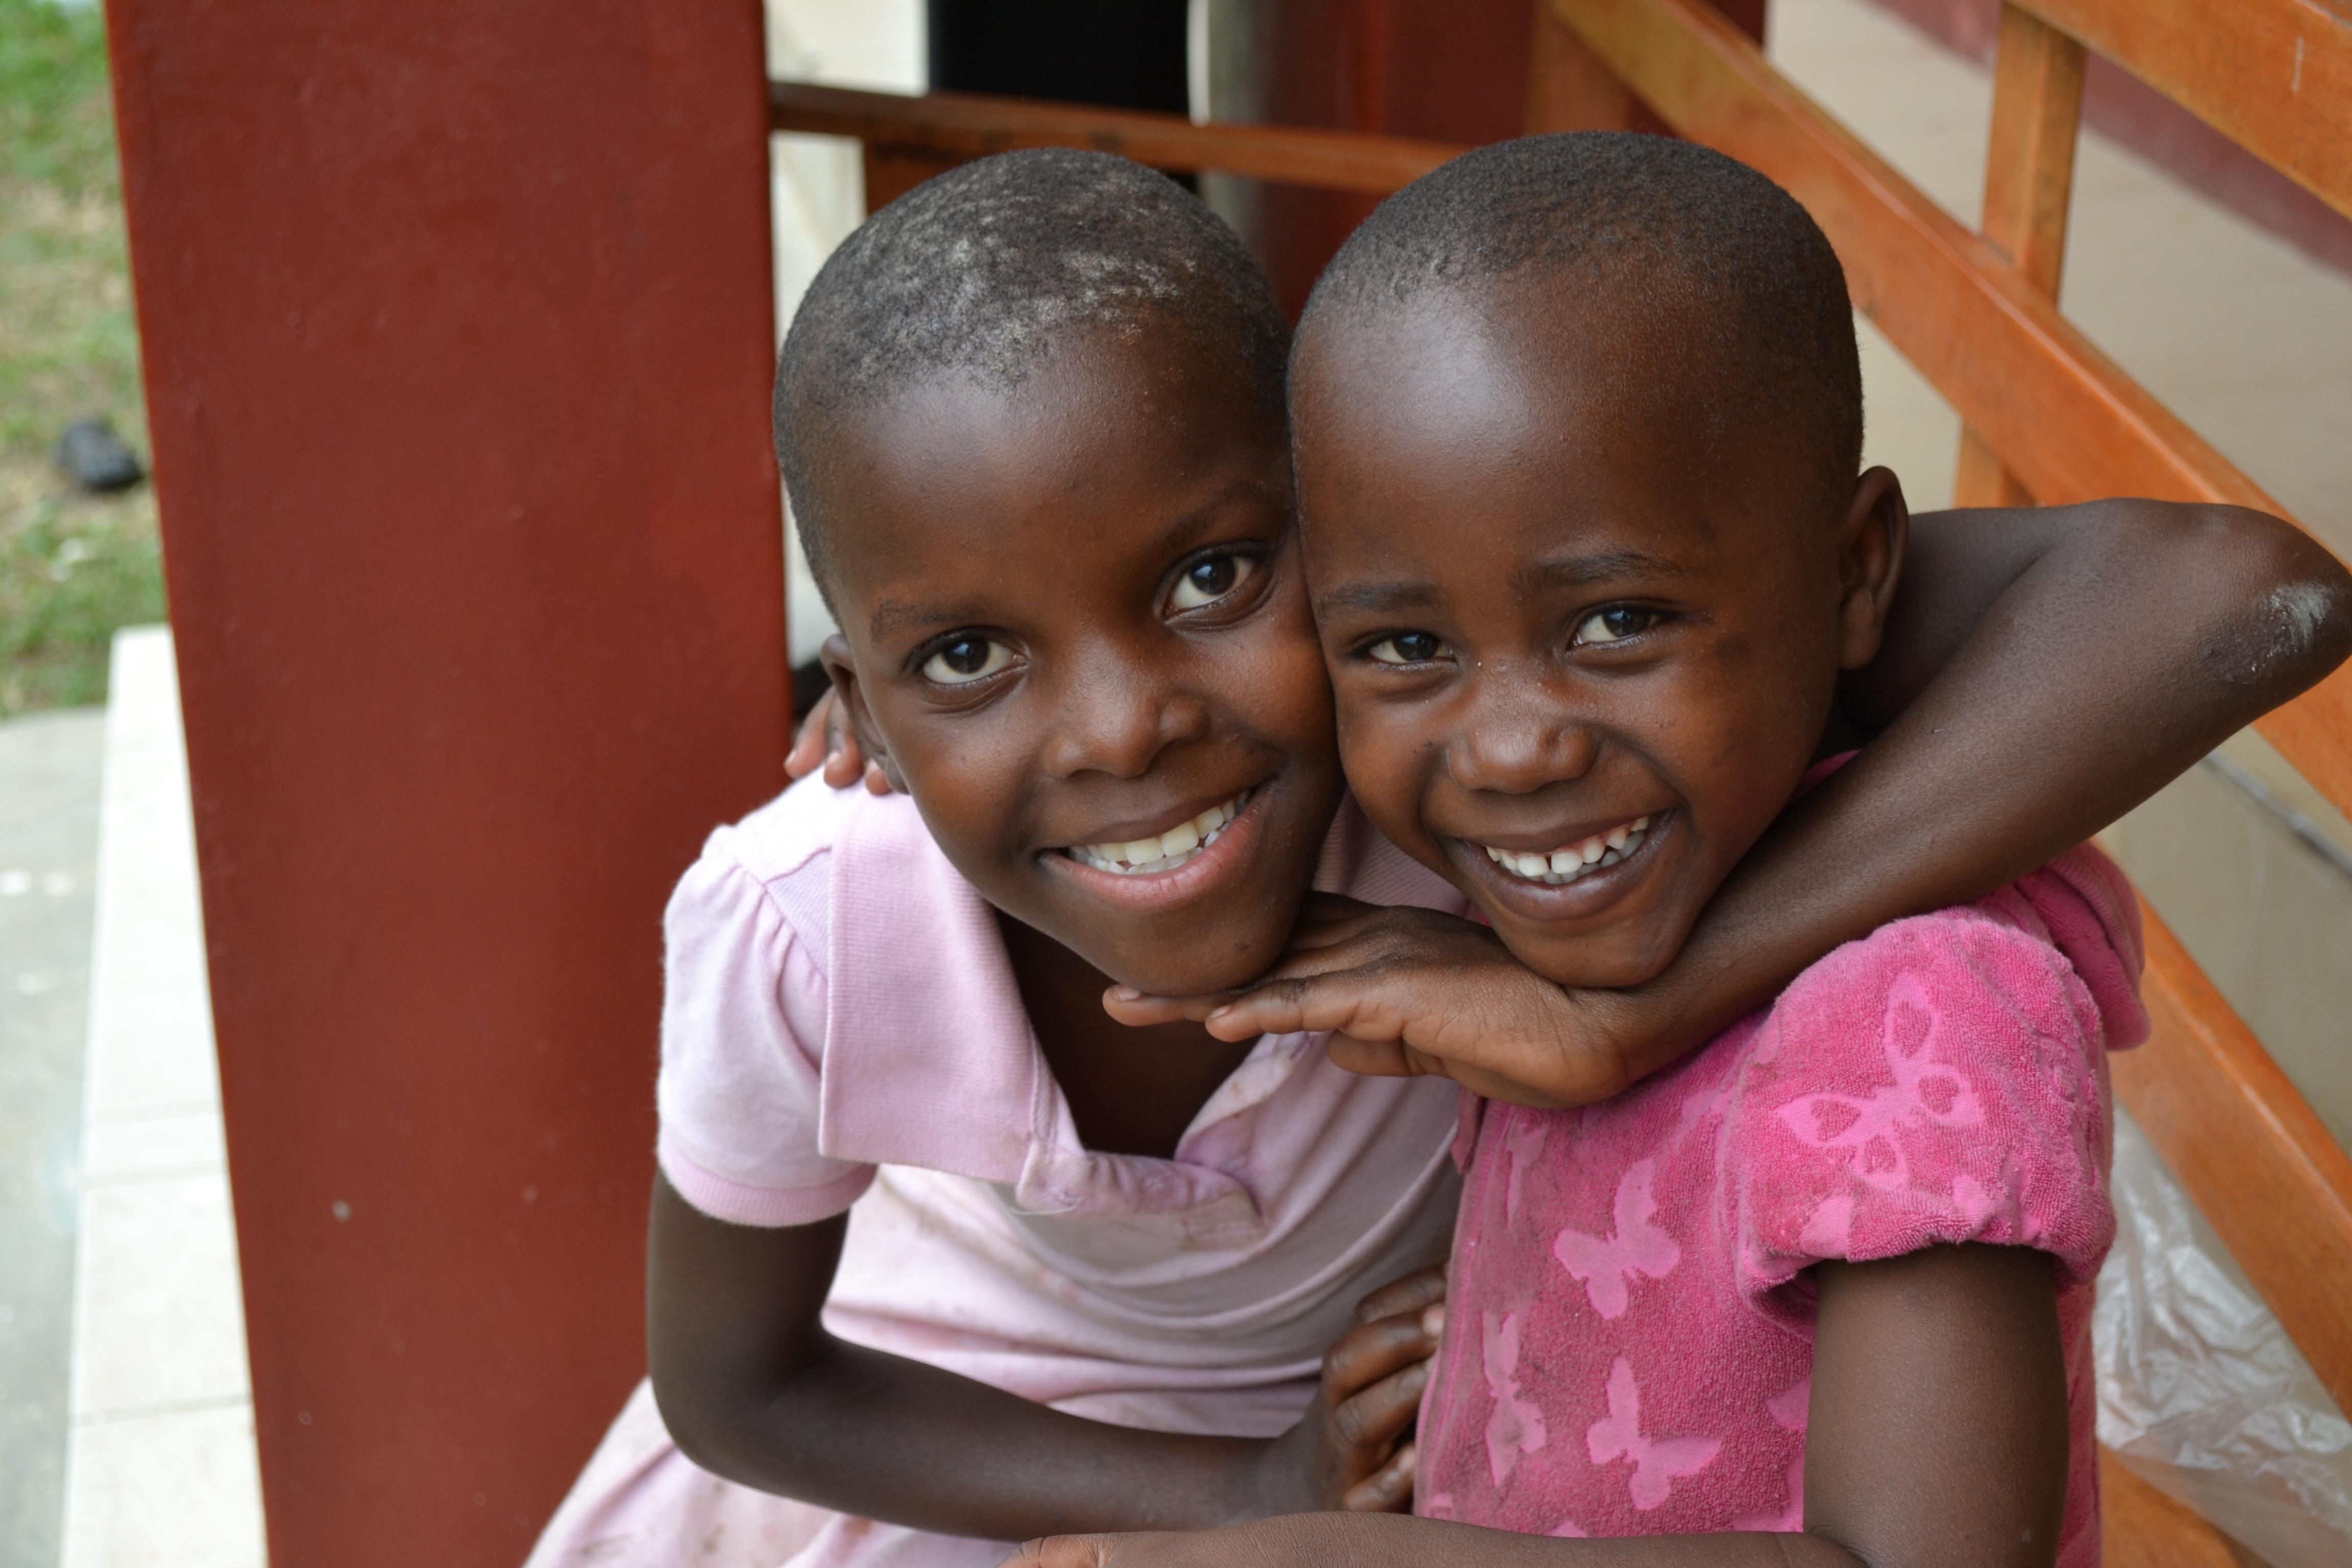 2 Ugandan girls hugging and smiling